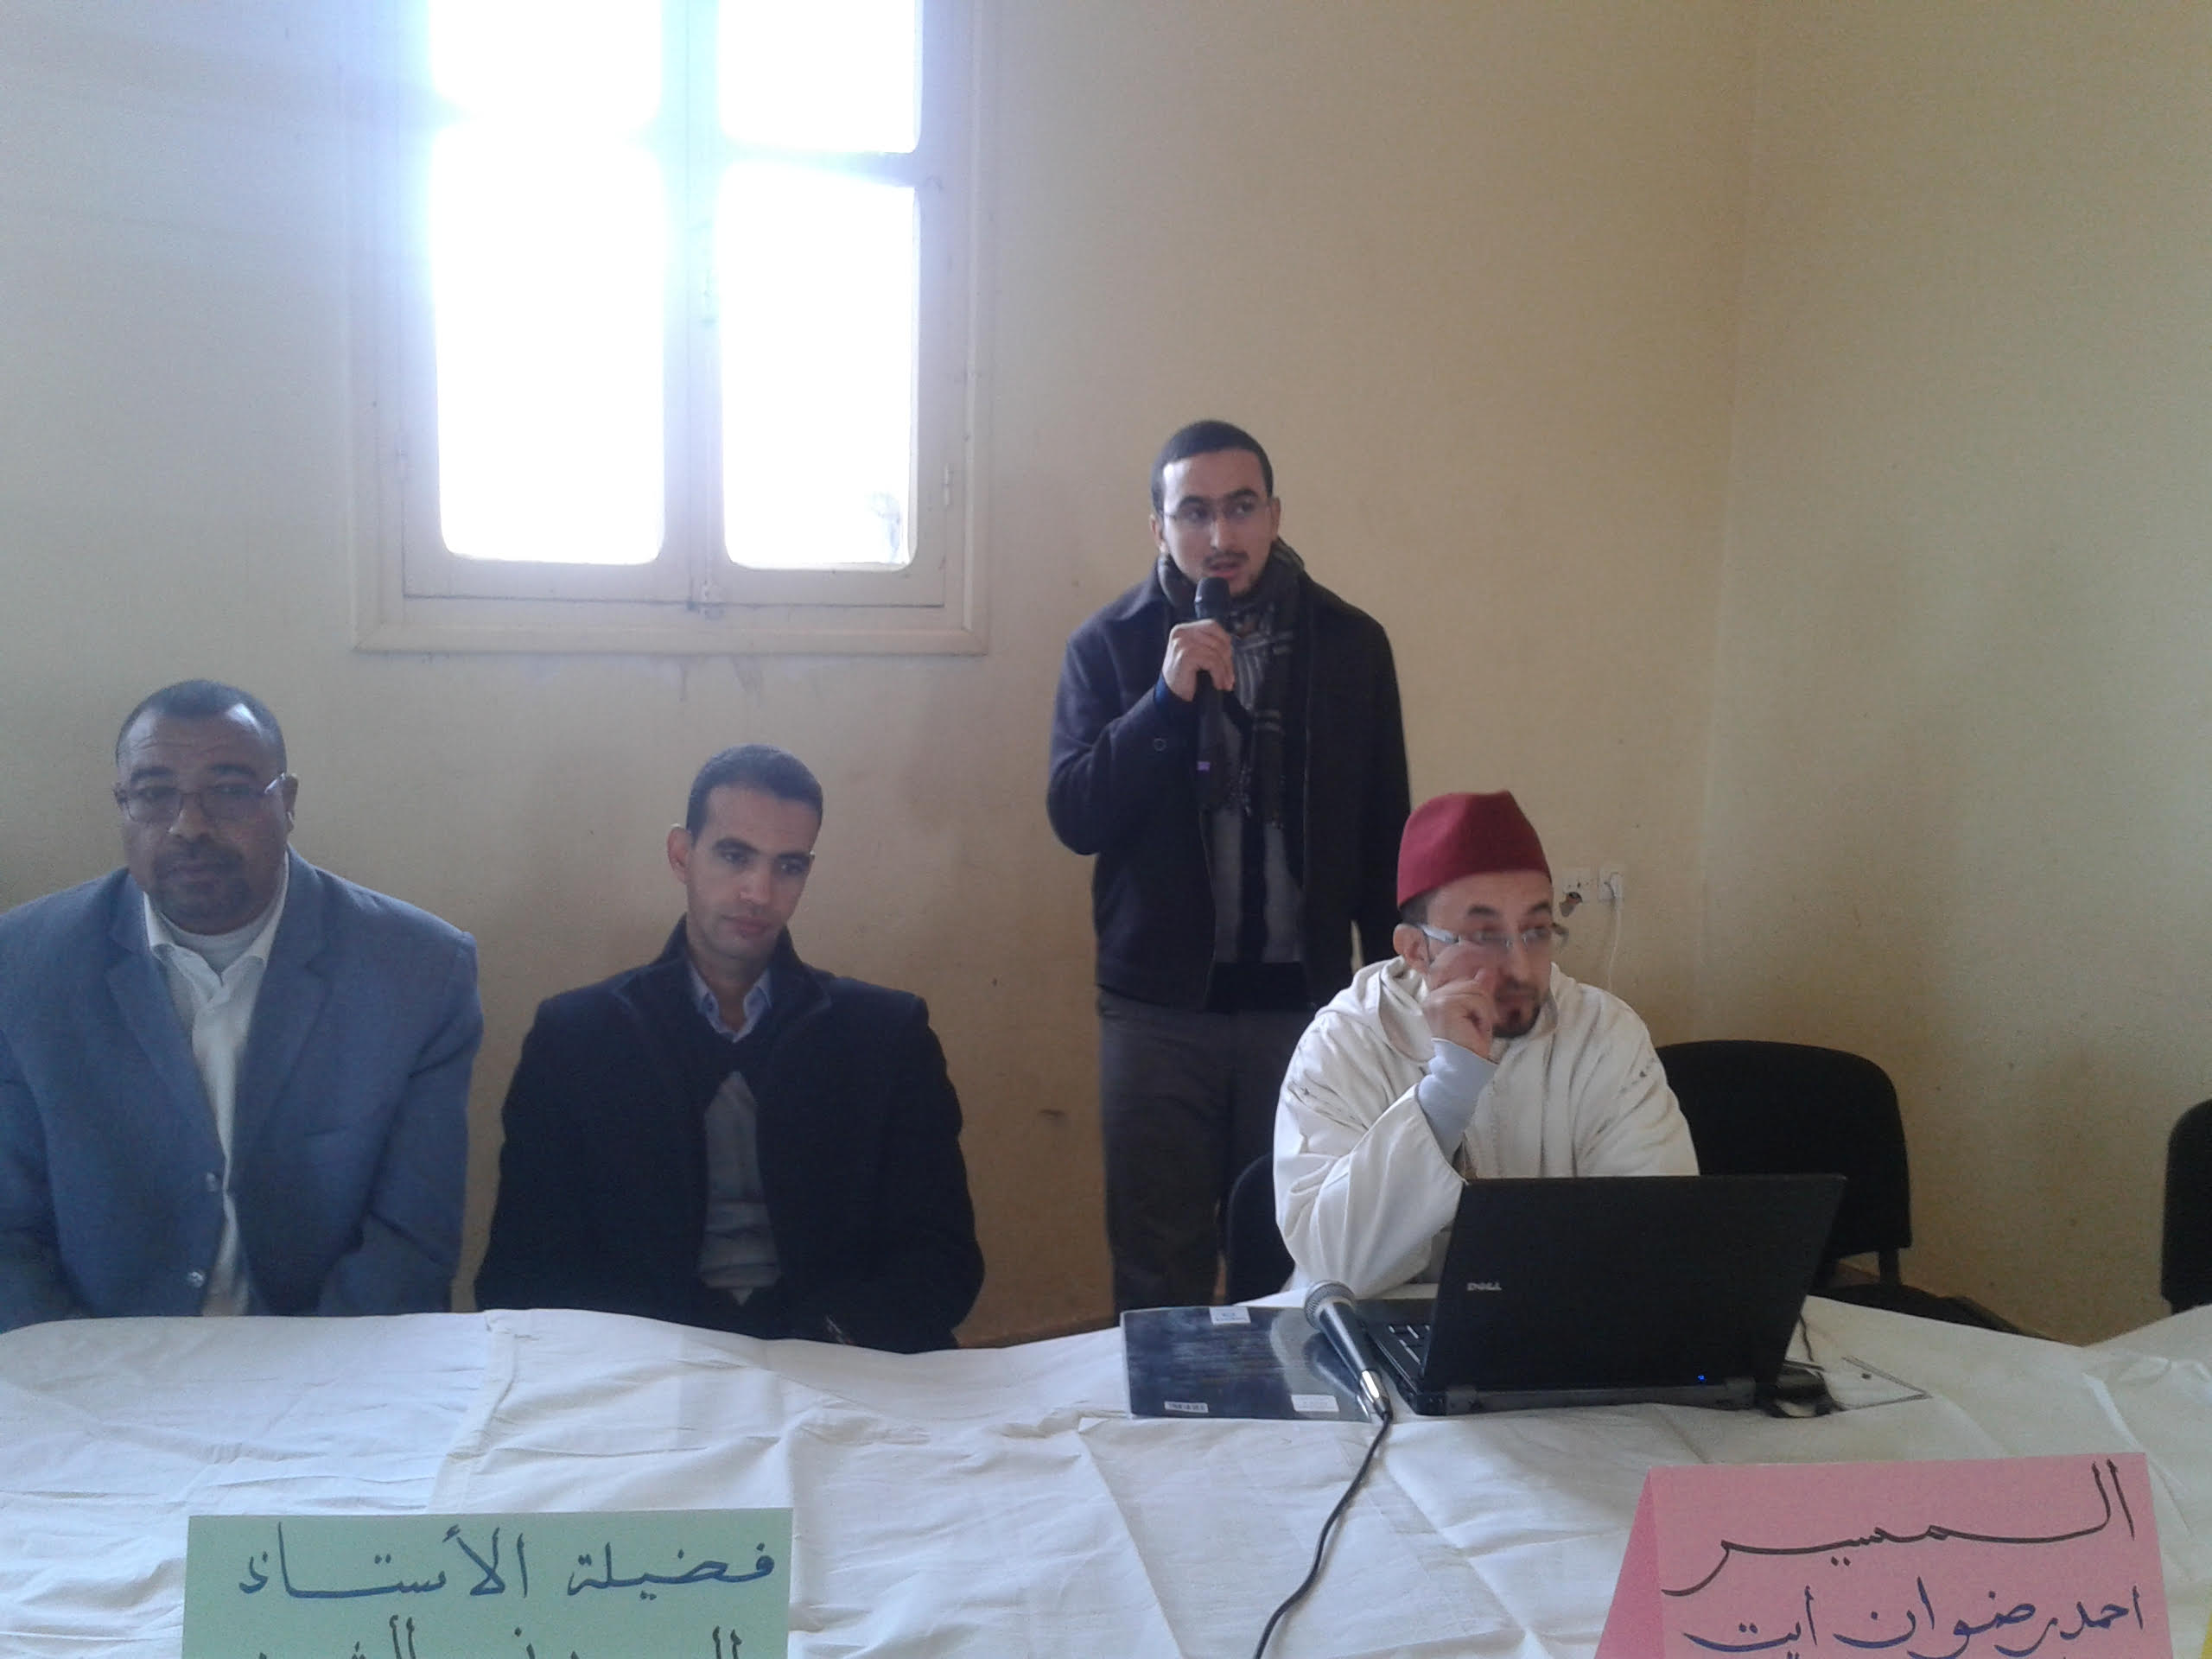 ثانوية مولاي المهدي الصالحي للتعليم الأصيل تحتفل بمولد المصطفى صلى الله عليه وسلم